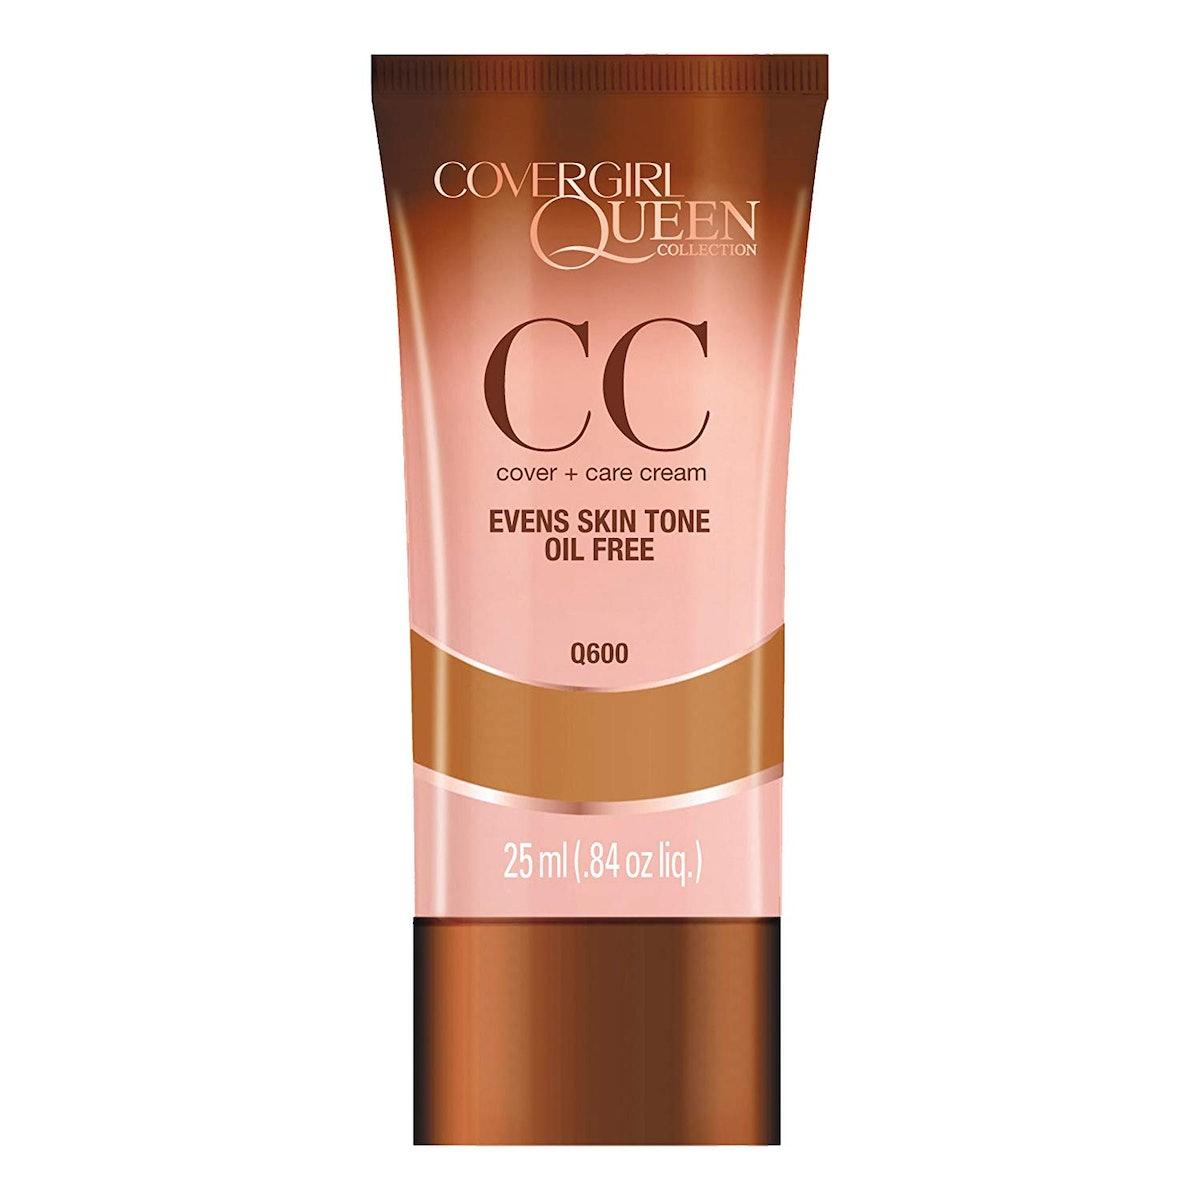 CoverGirl Queen CC Cream